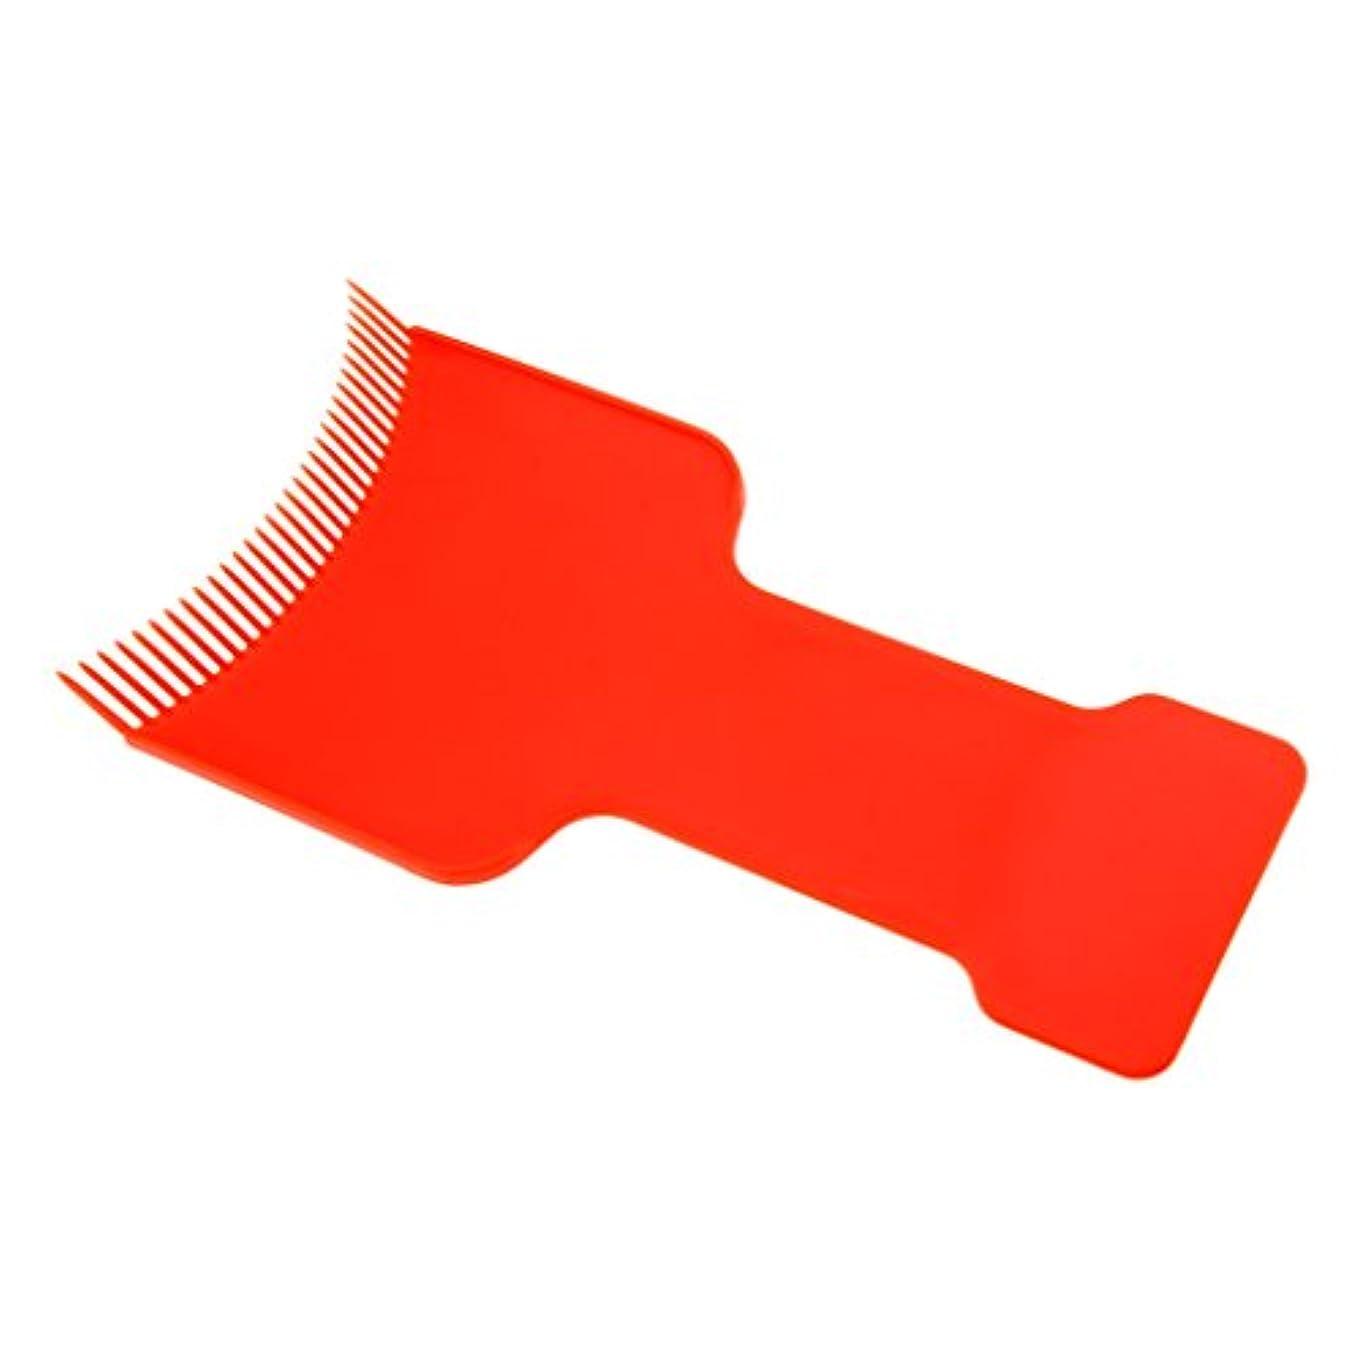 ホラーブロックパフKesoto ヘアカラーボード 染色ボード ヘアカラー ボード ヘアダイコーム プロ サロン 美容院 自宅用 便利